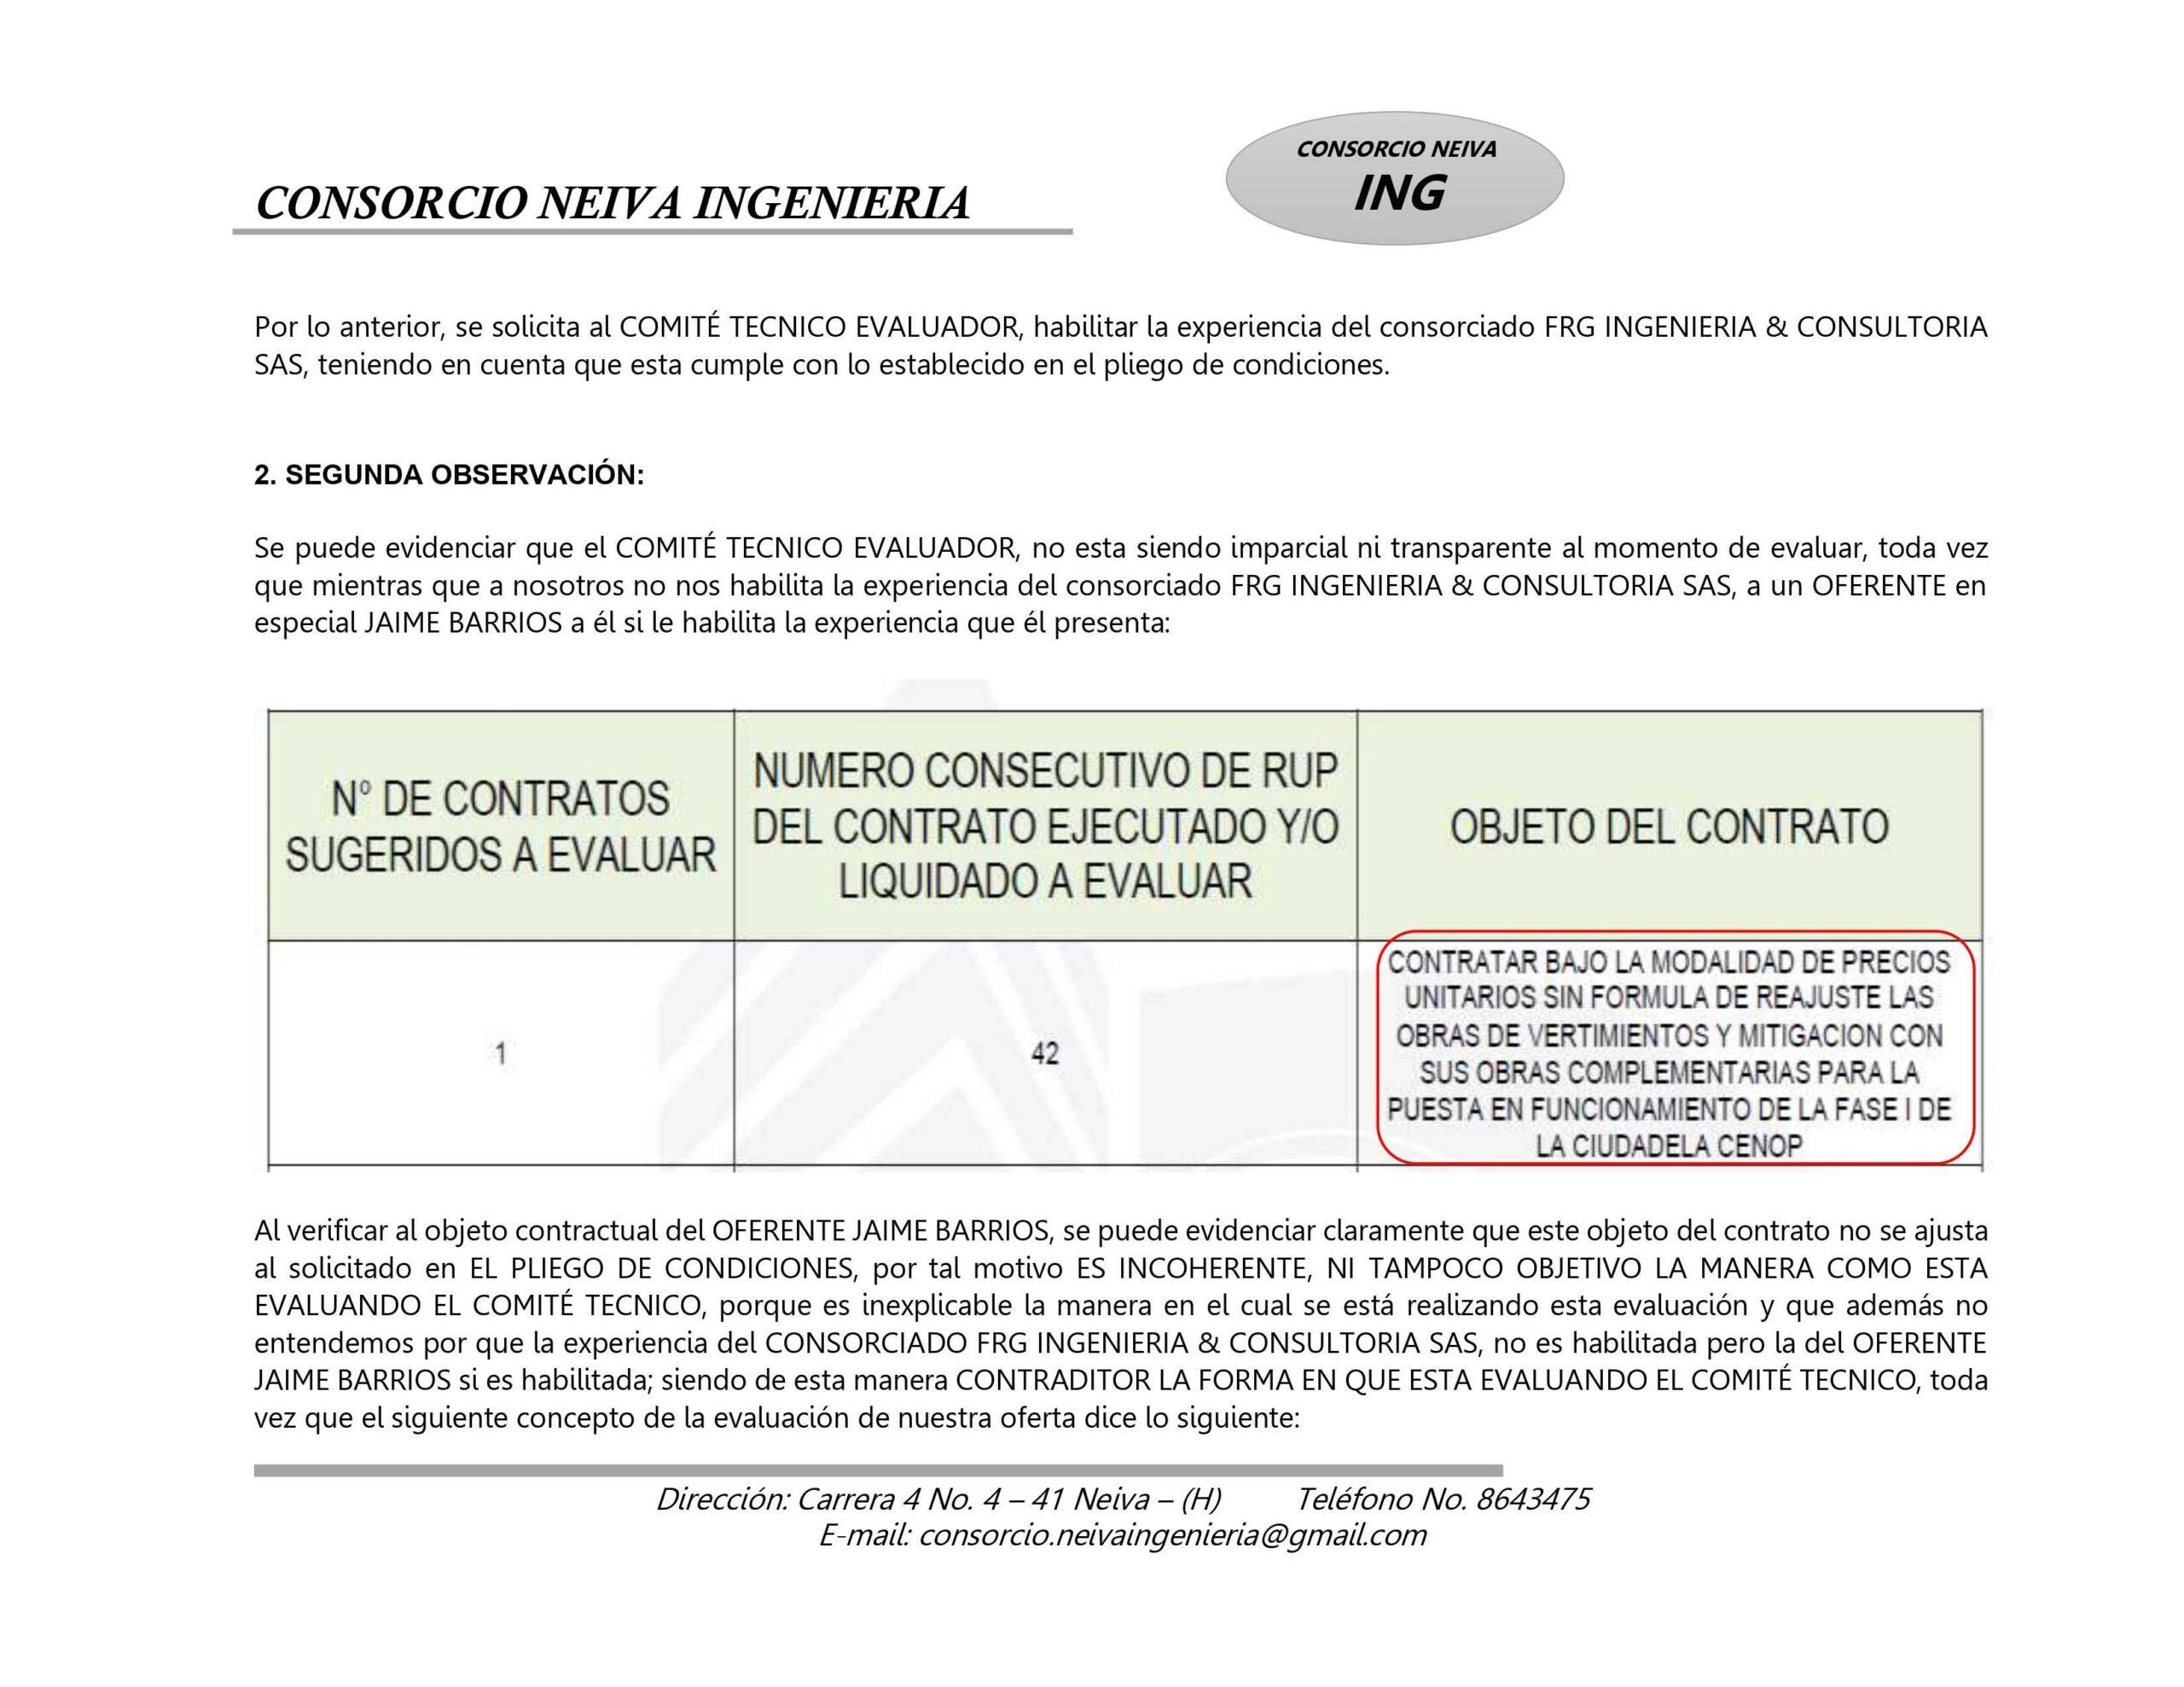 ¿Policía en el Tolima estaría favoreciendo a Contratista? 8